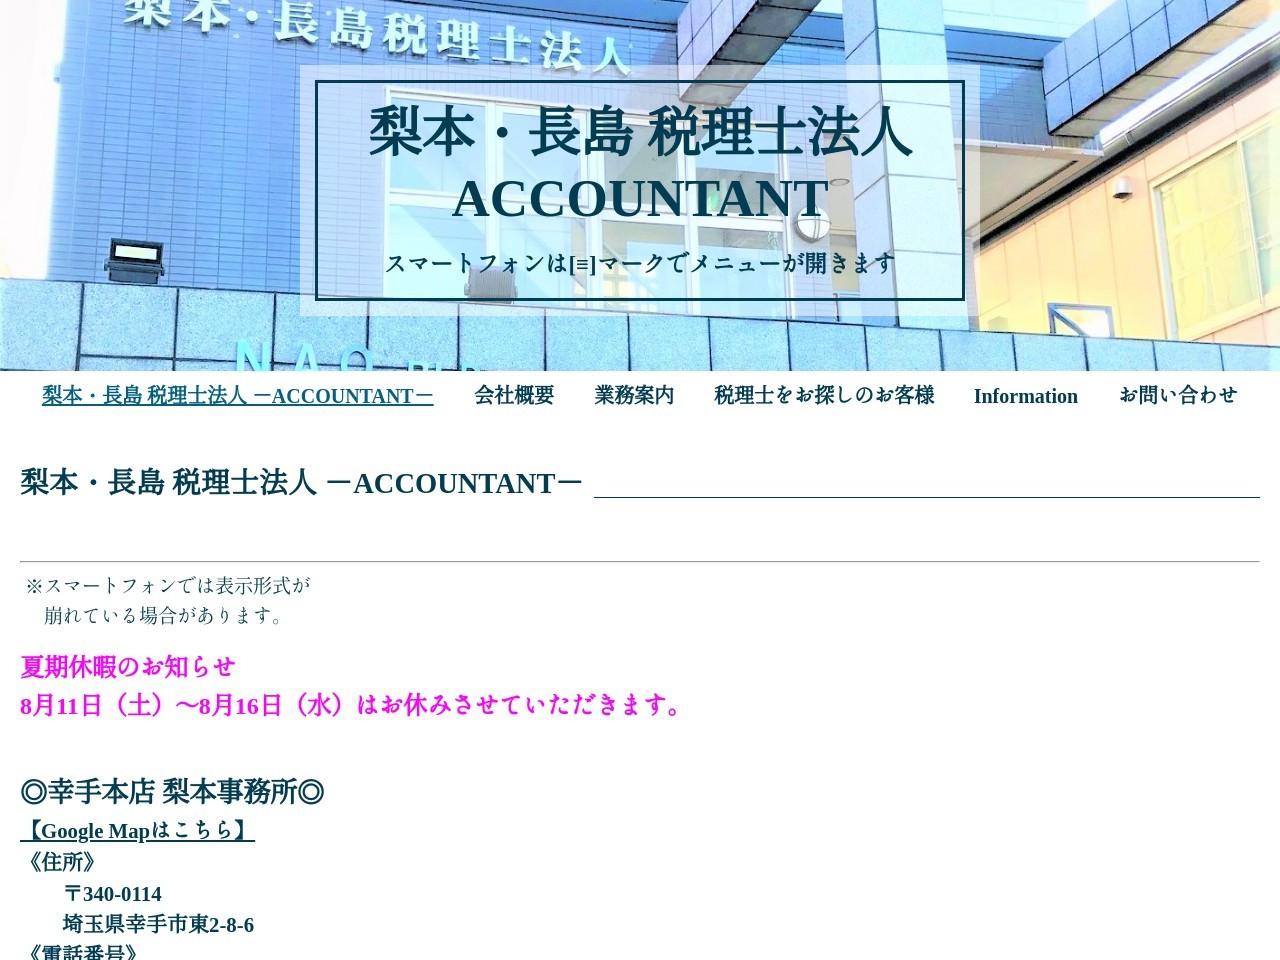 梨本・長島税理士法人